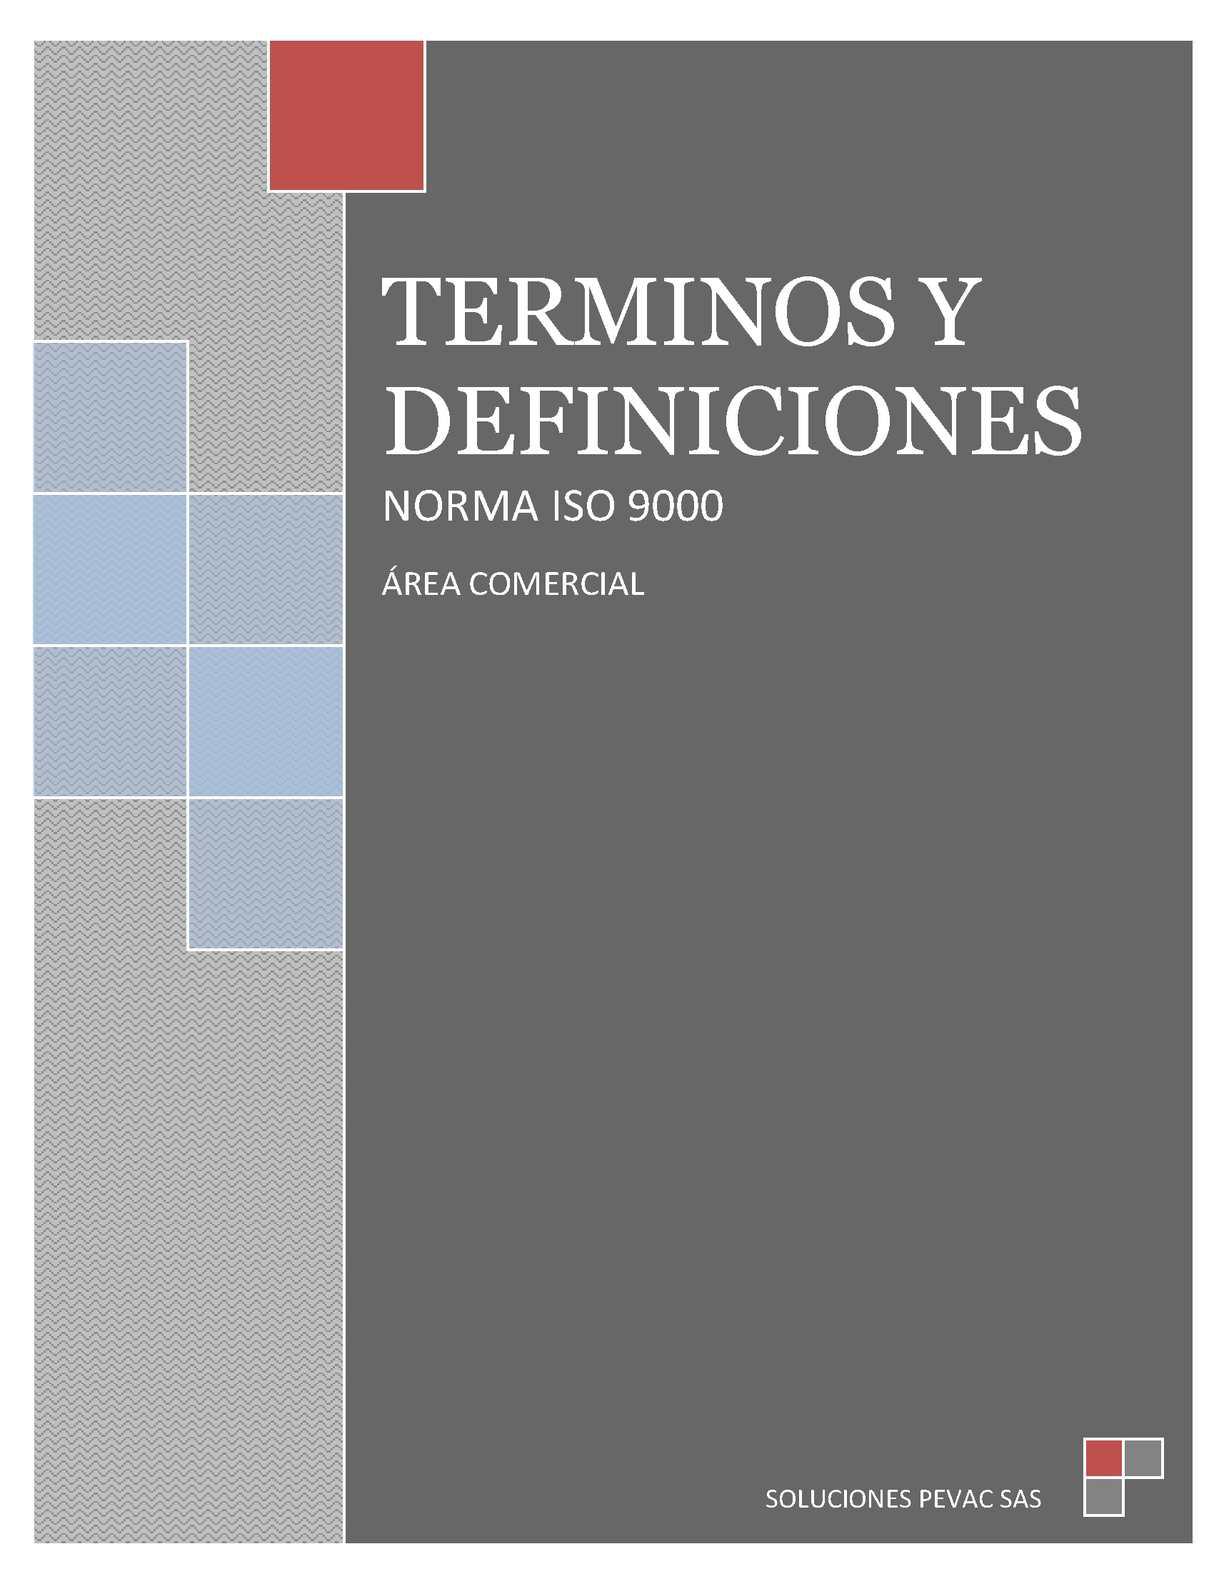 Terminos y definiciones Norma ISO 9000